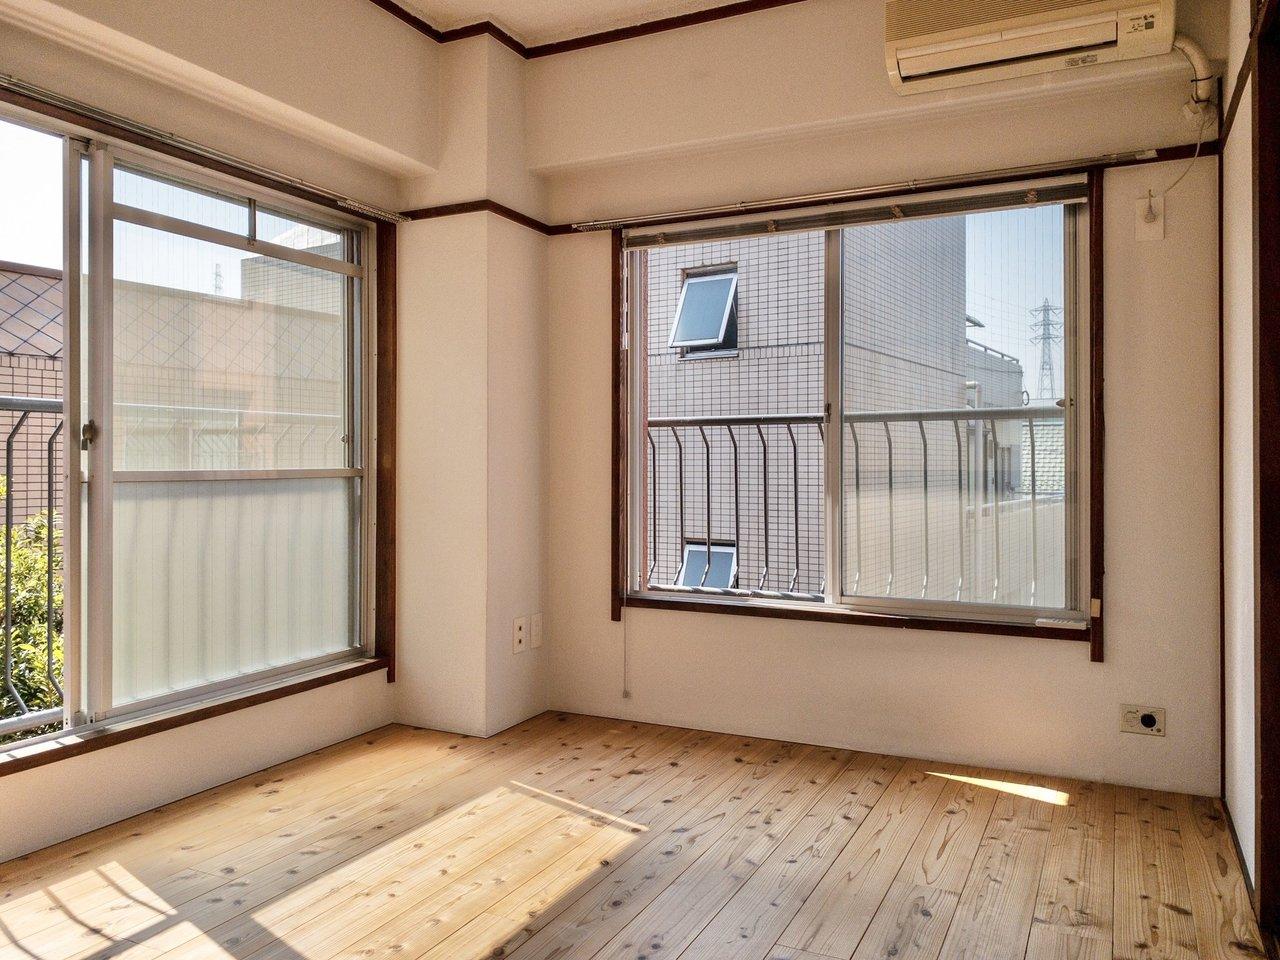 元は和室のお部屋をリノベーションしているので、ところどころにレトロさは残るものの、フローリングになっているなど、とても使い勝手がよくなっています。窓も大きく二面採光。